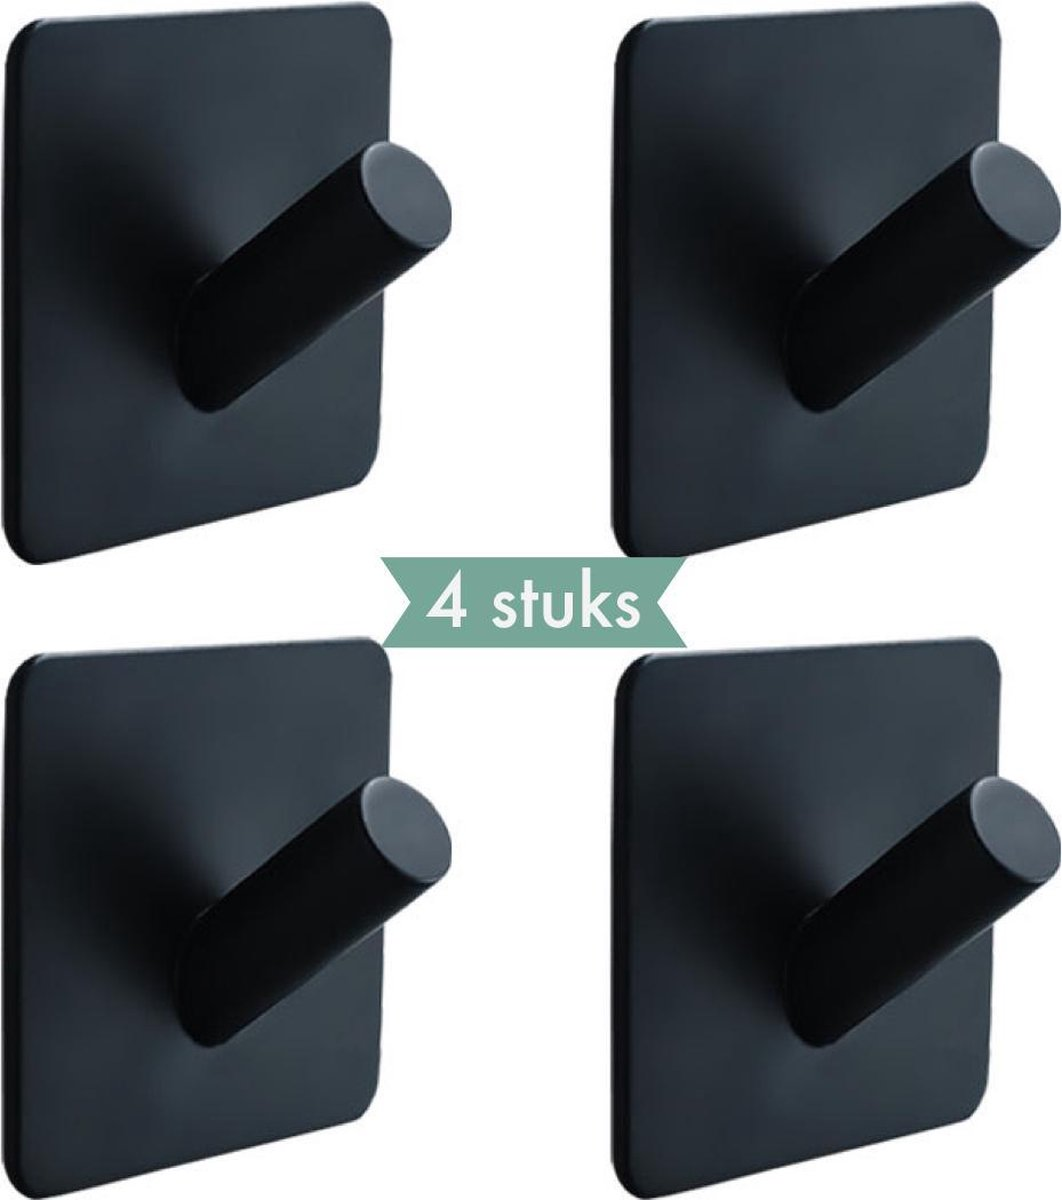 4x Handdoekhaakjes (Zelfklevend) van RVS Zwart - Zelfklevende Haakjes - Wandhaak - Handdoekhouder - Ophanghaken voor Keuken of Badkamer